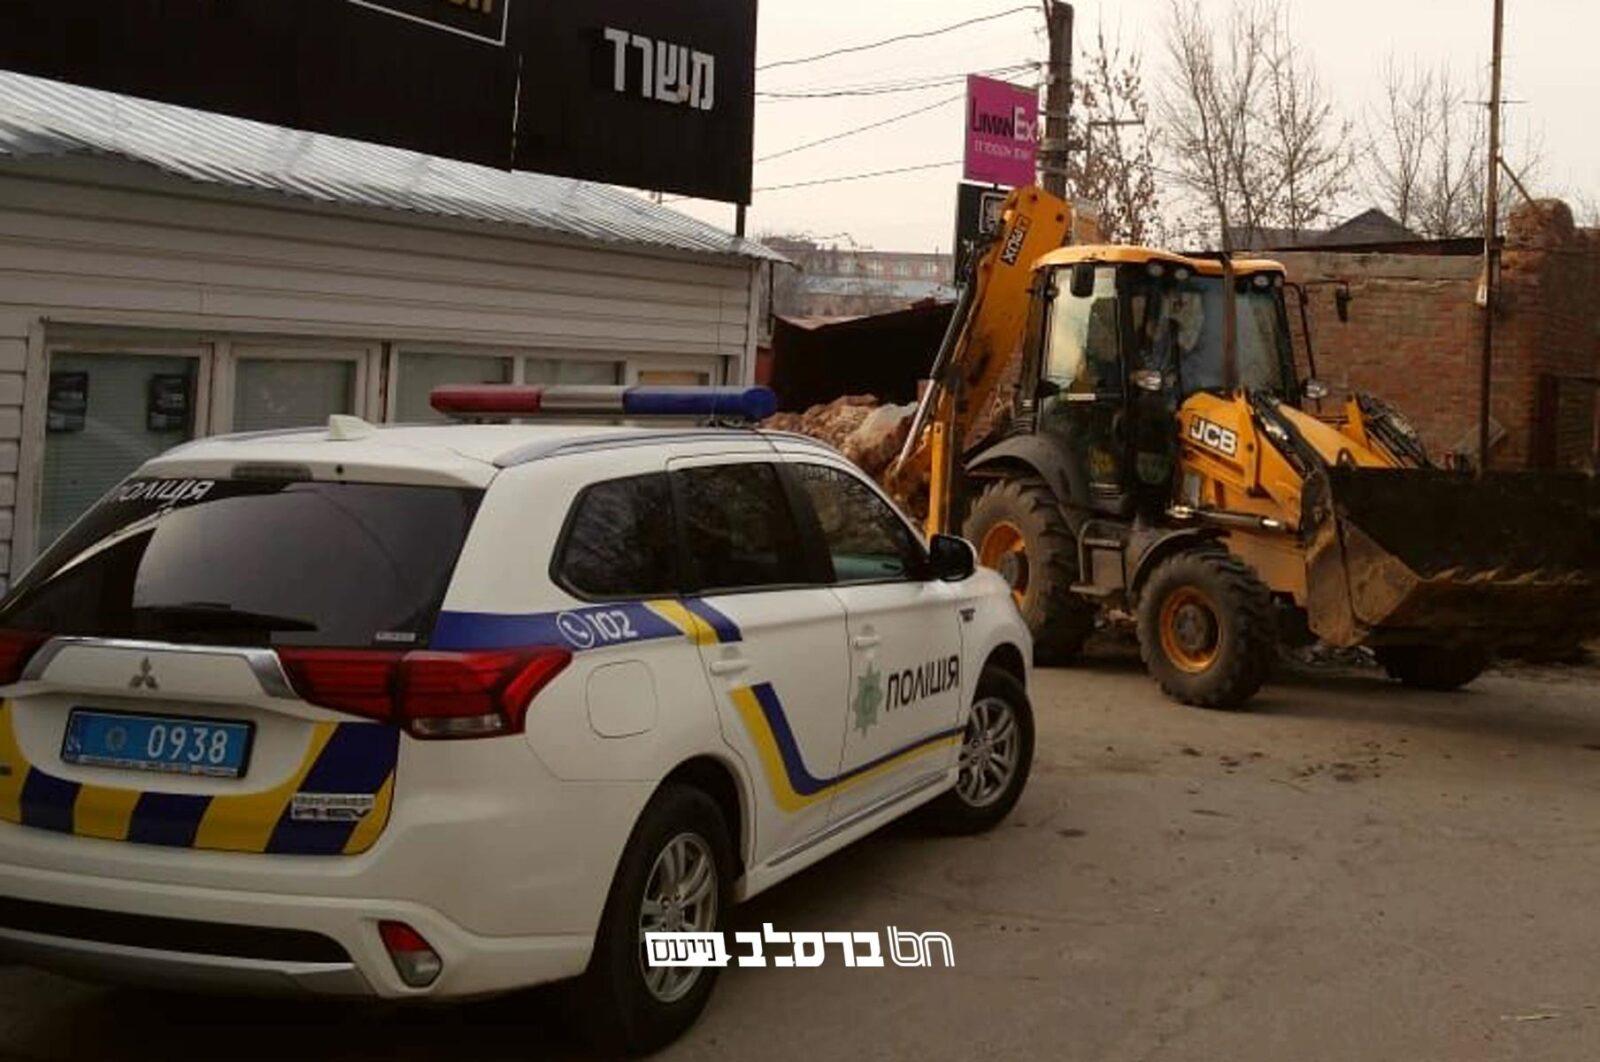 דיווח מהשטח: פרשיית חילול בית החיים נחקרת במשטרת צ'רקס